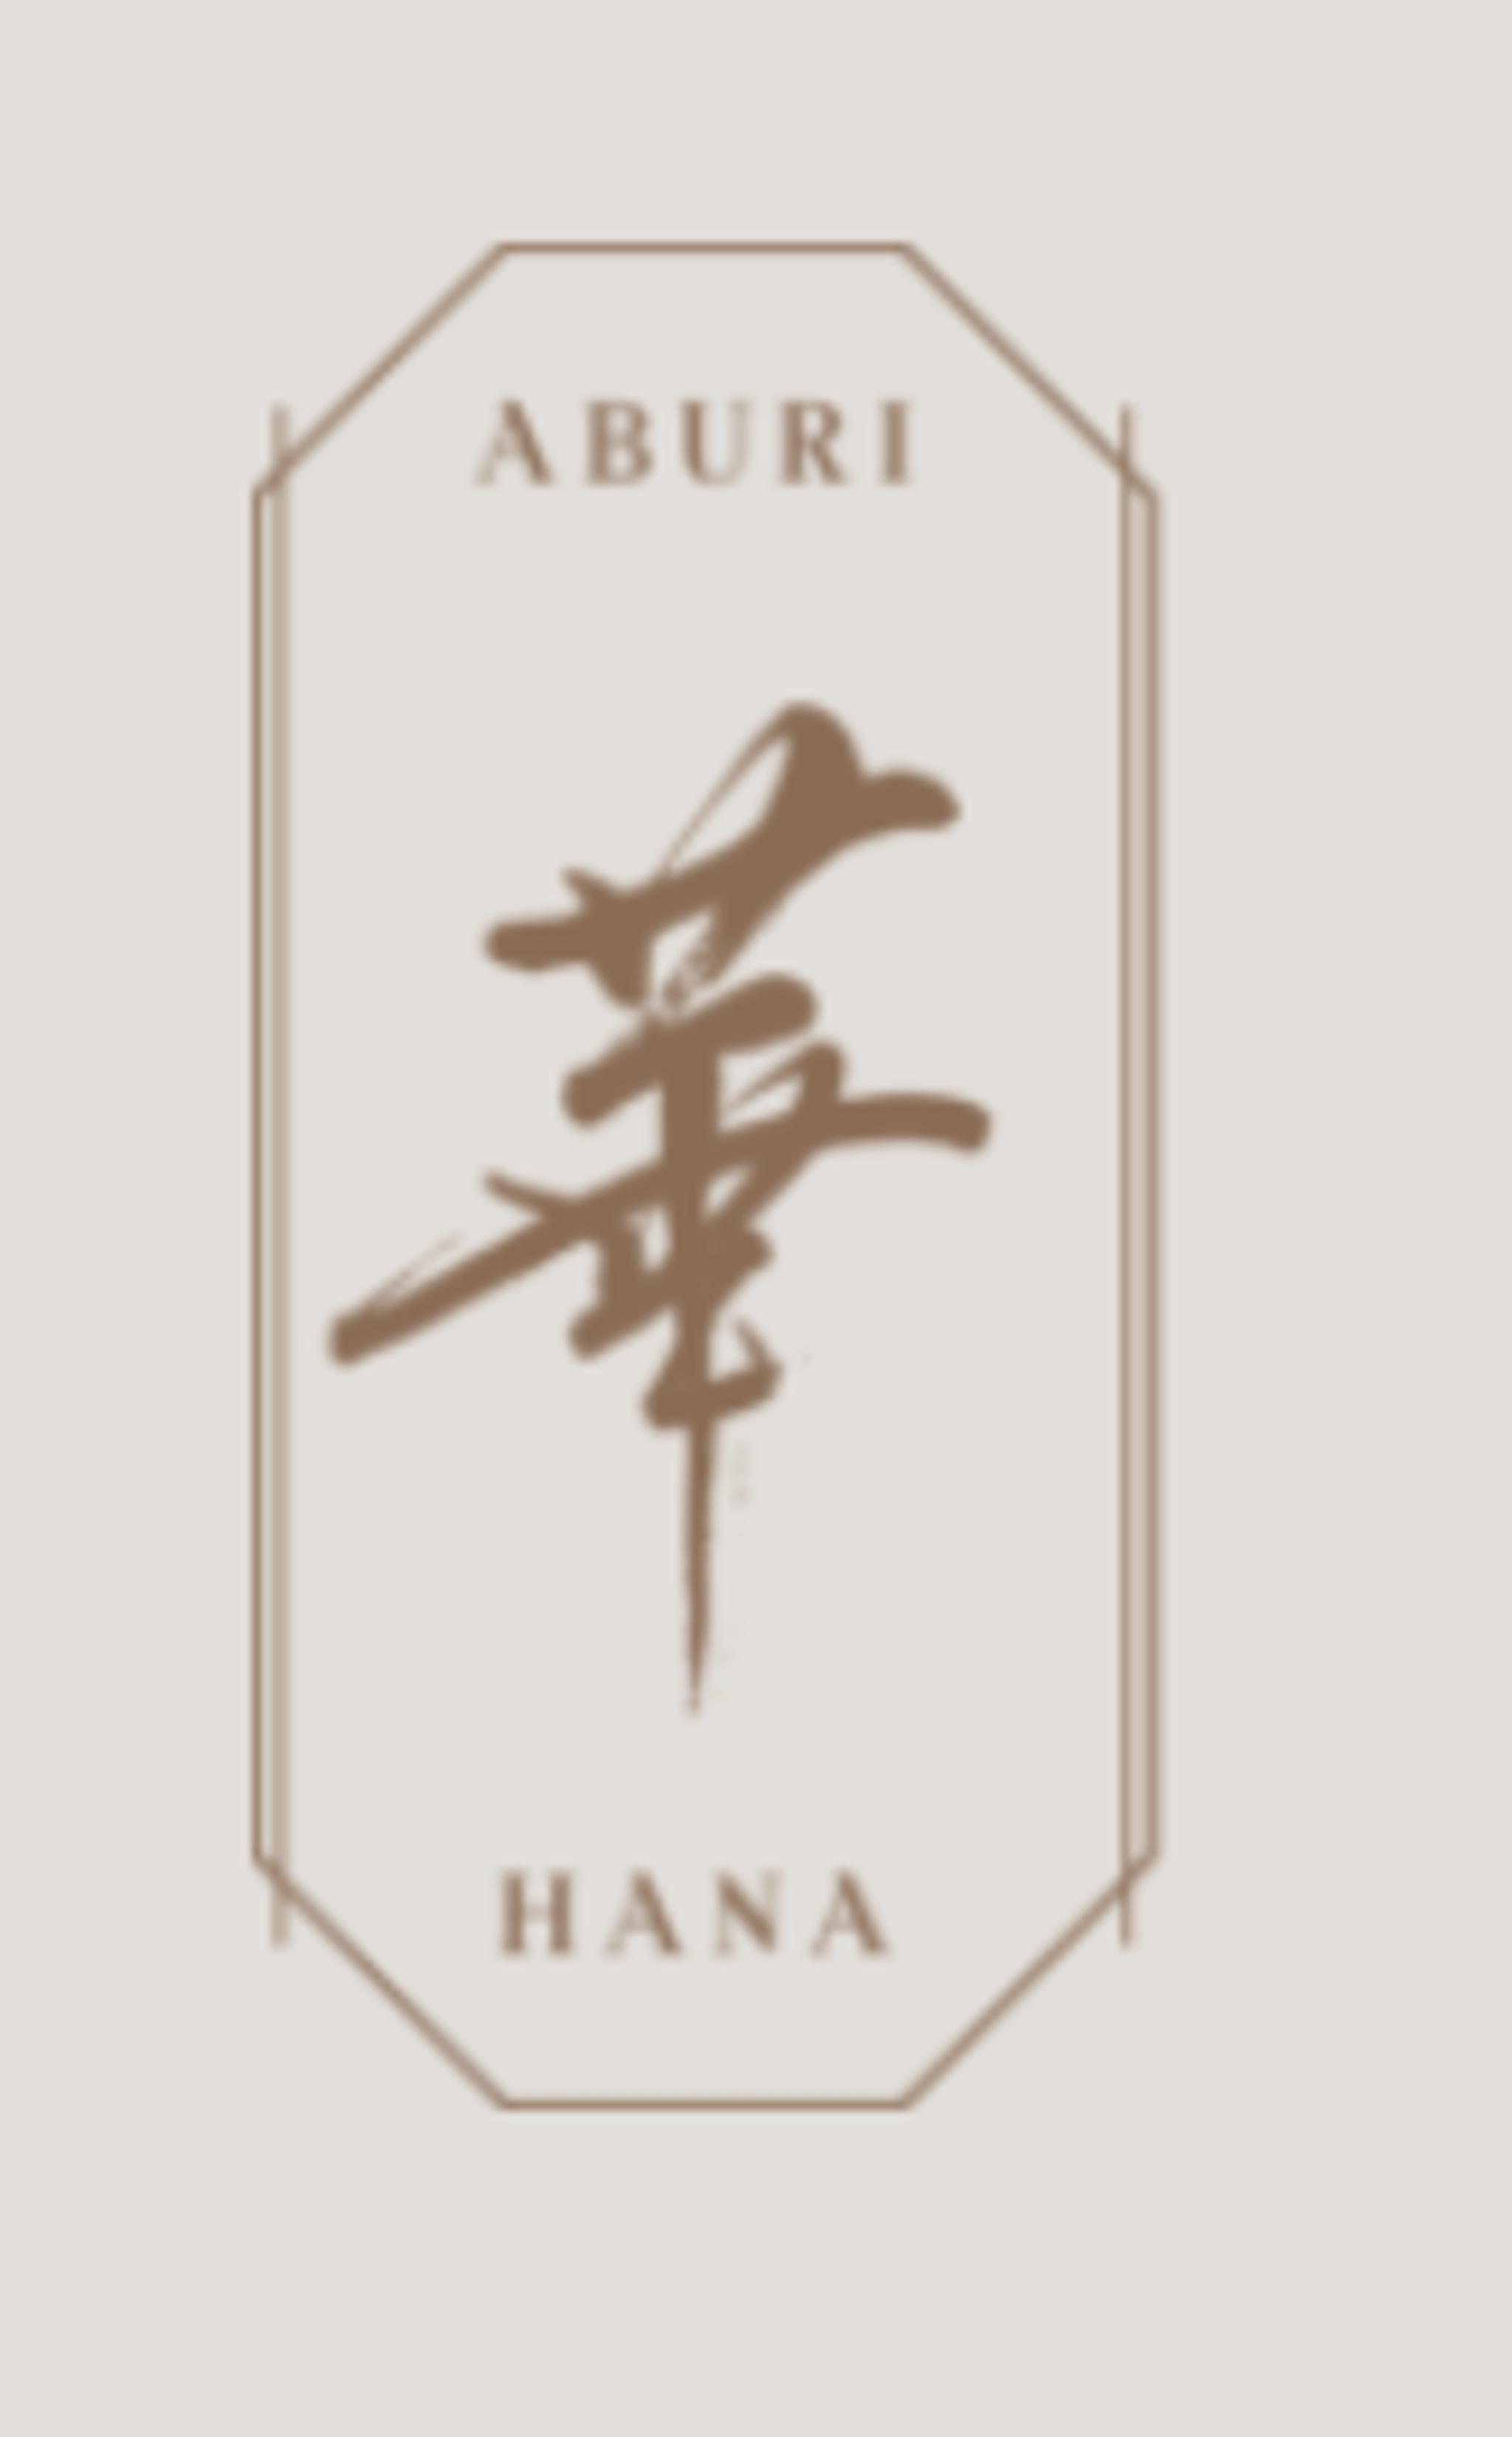 Aburi Hana